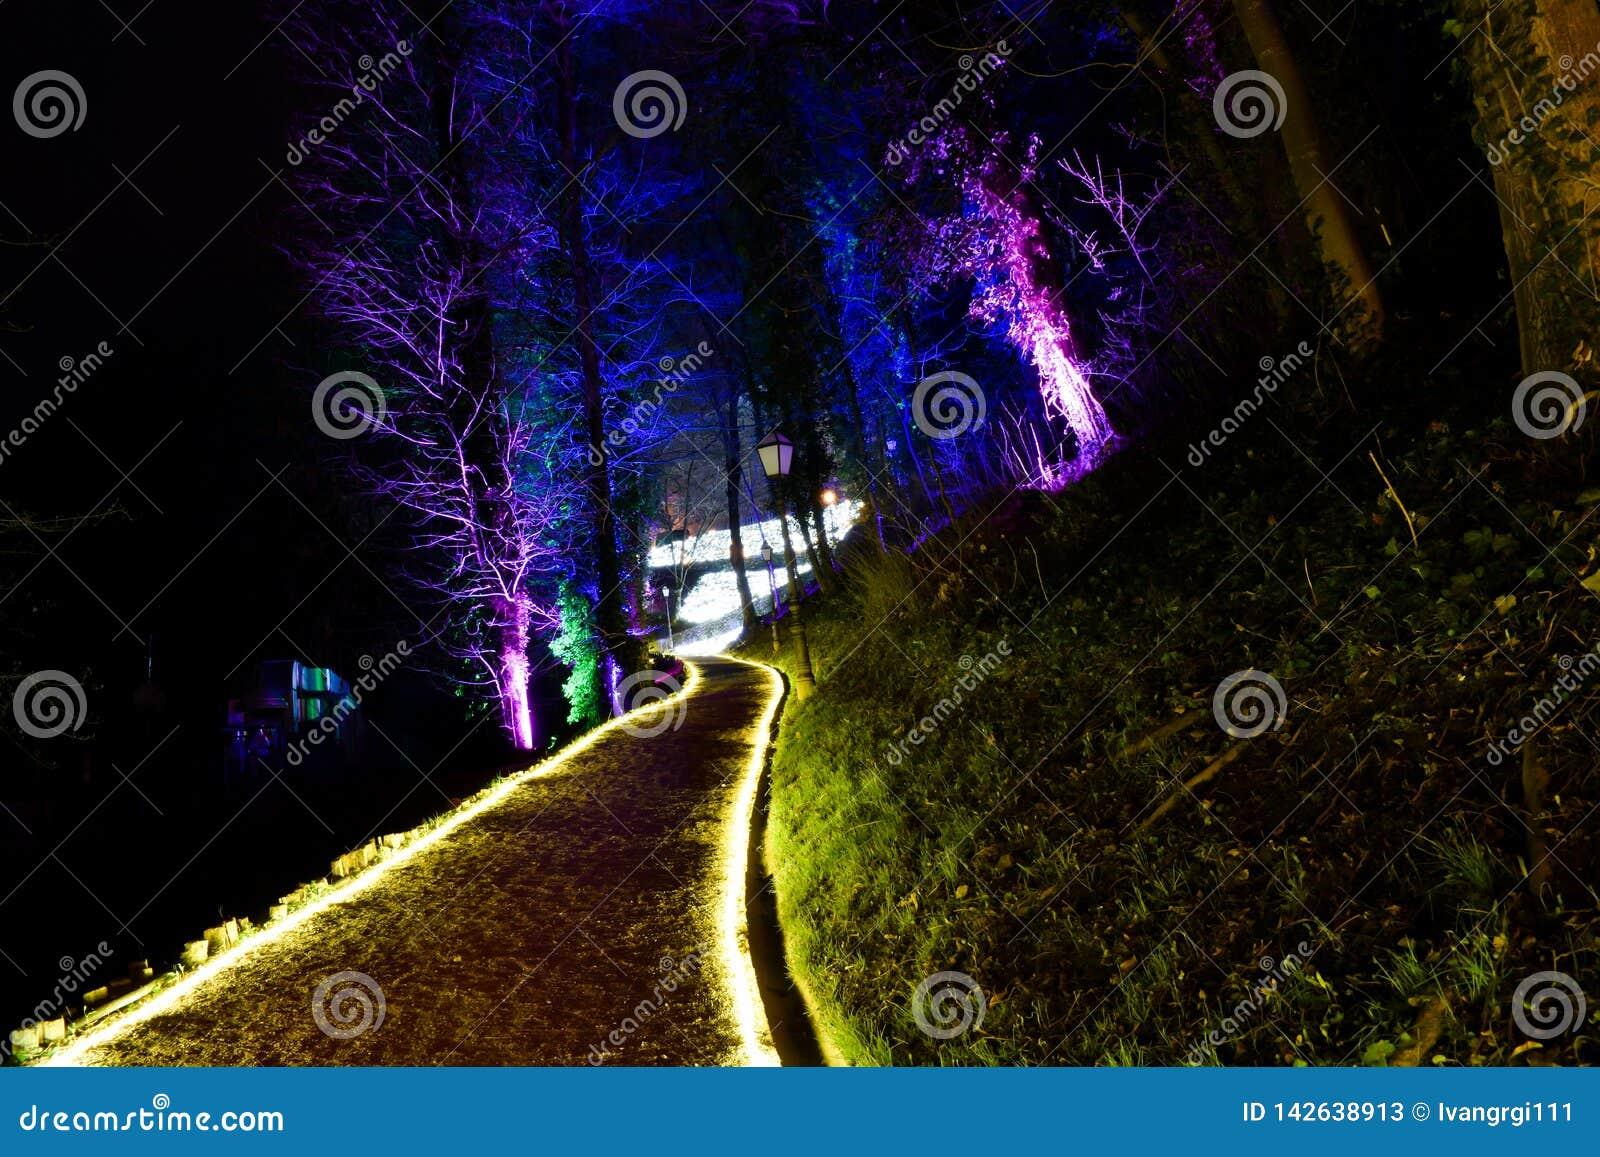 Parque iluminado em Zagreb, Croácia durante o festival de luzes